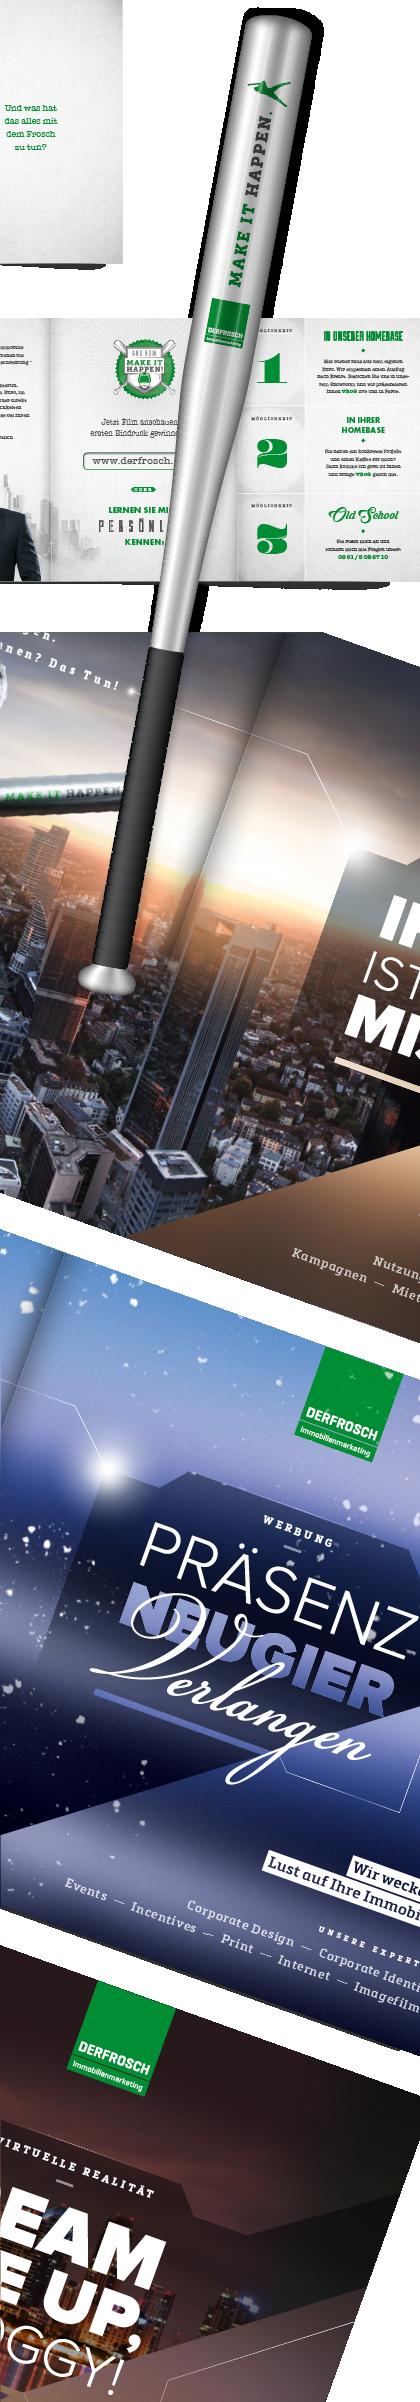 Samt&Seidel_Referenz_DerFrosch_Mailing_Design_02